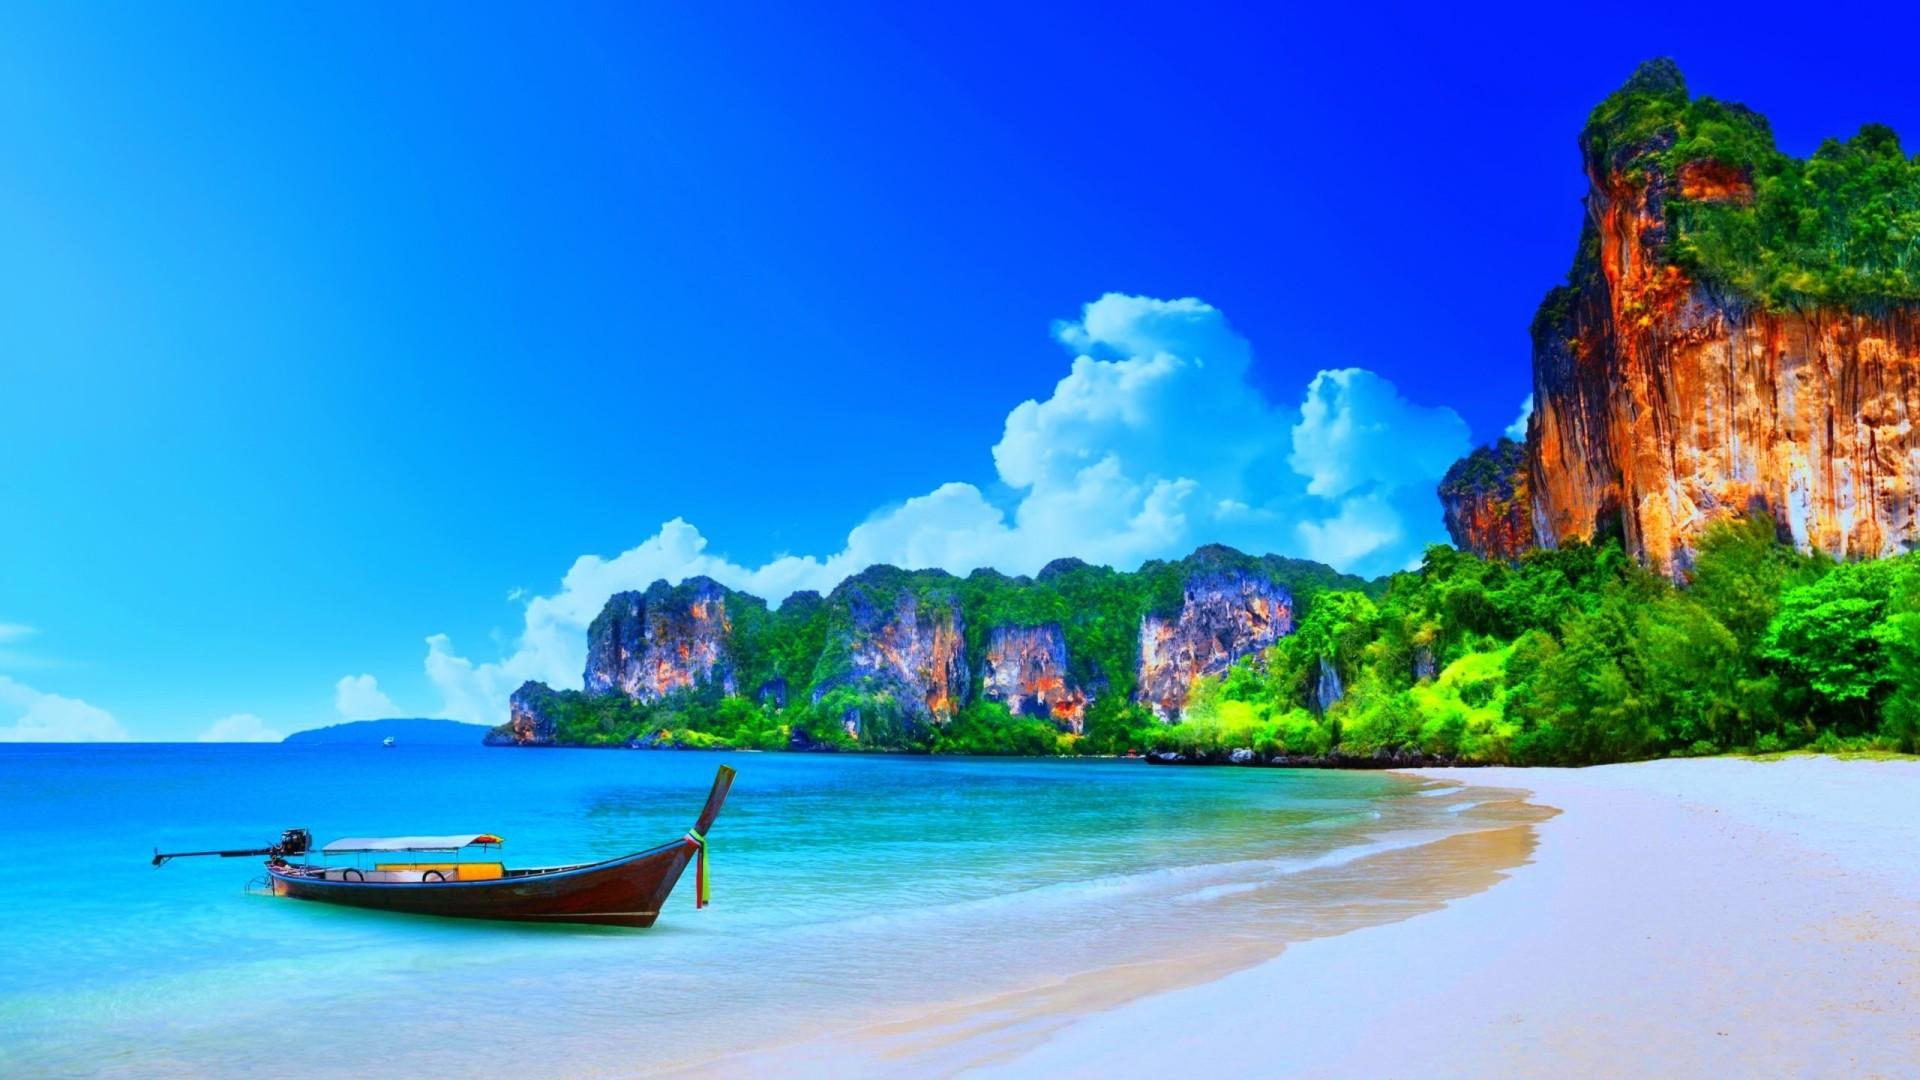 Thailand Beach Wallpaper